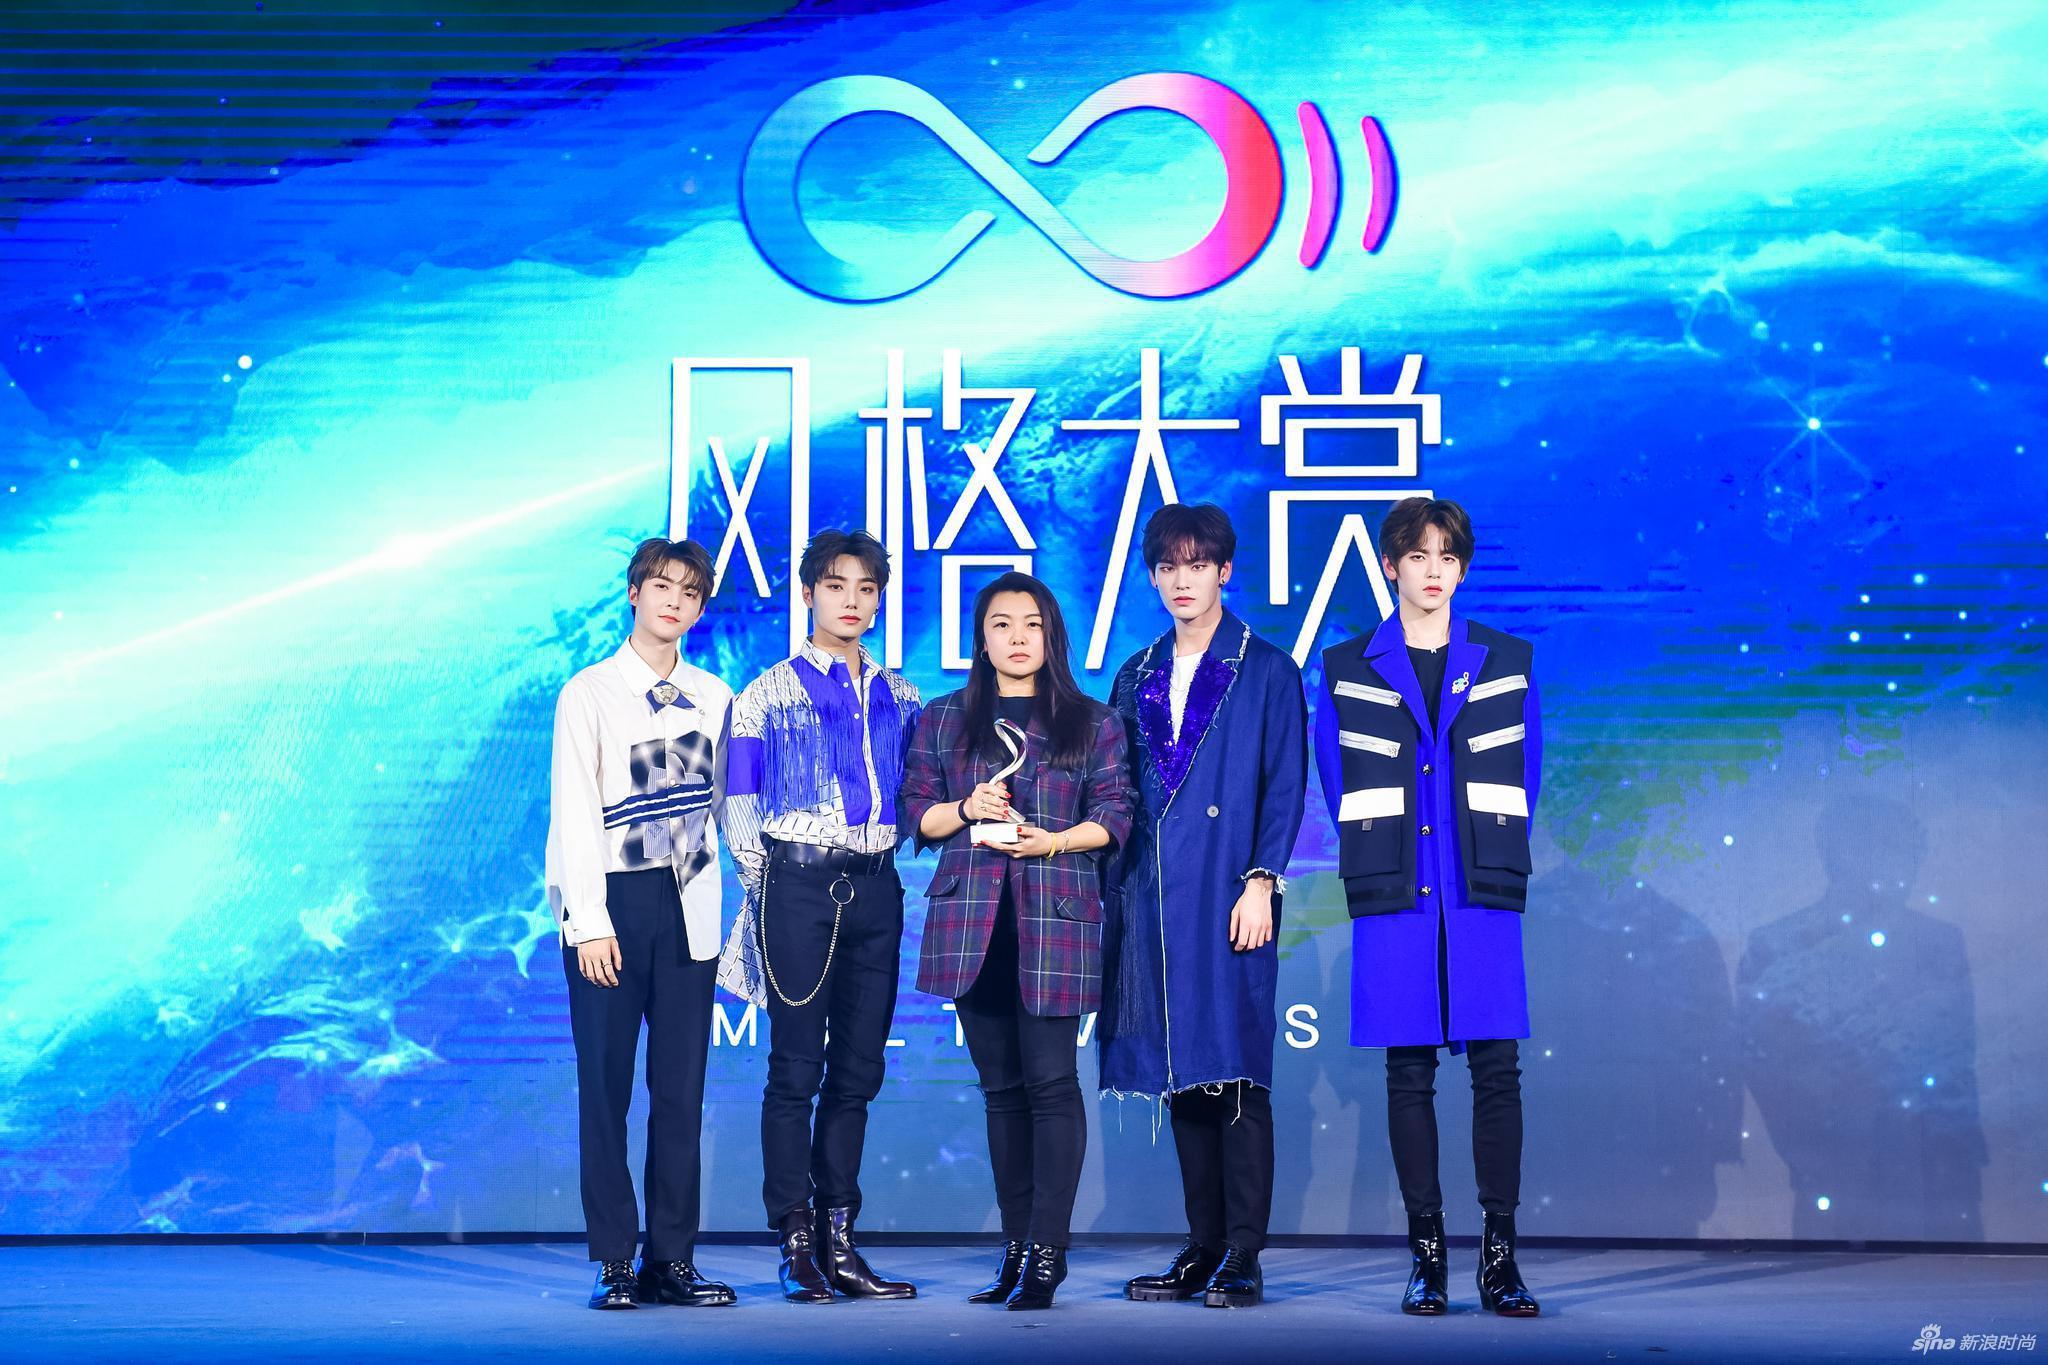 中国内地流行乐男子组合UNINE为领奖嘉宾《时尚COSMO》新媒体高级运营总监刘文女士颁奖